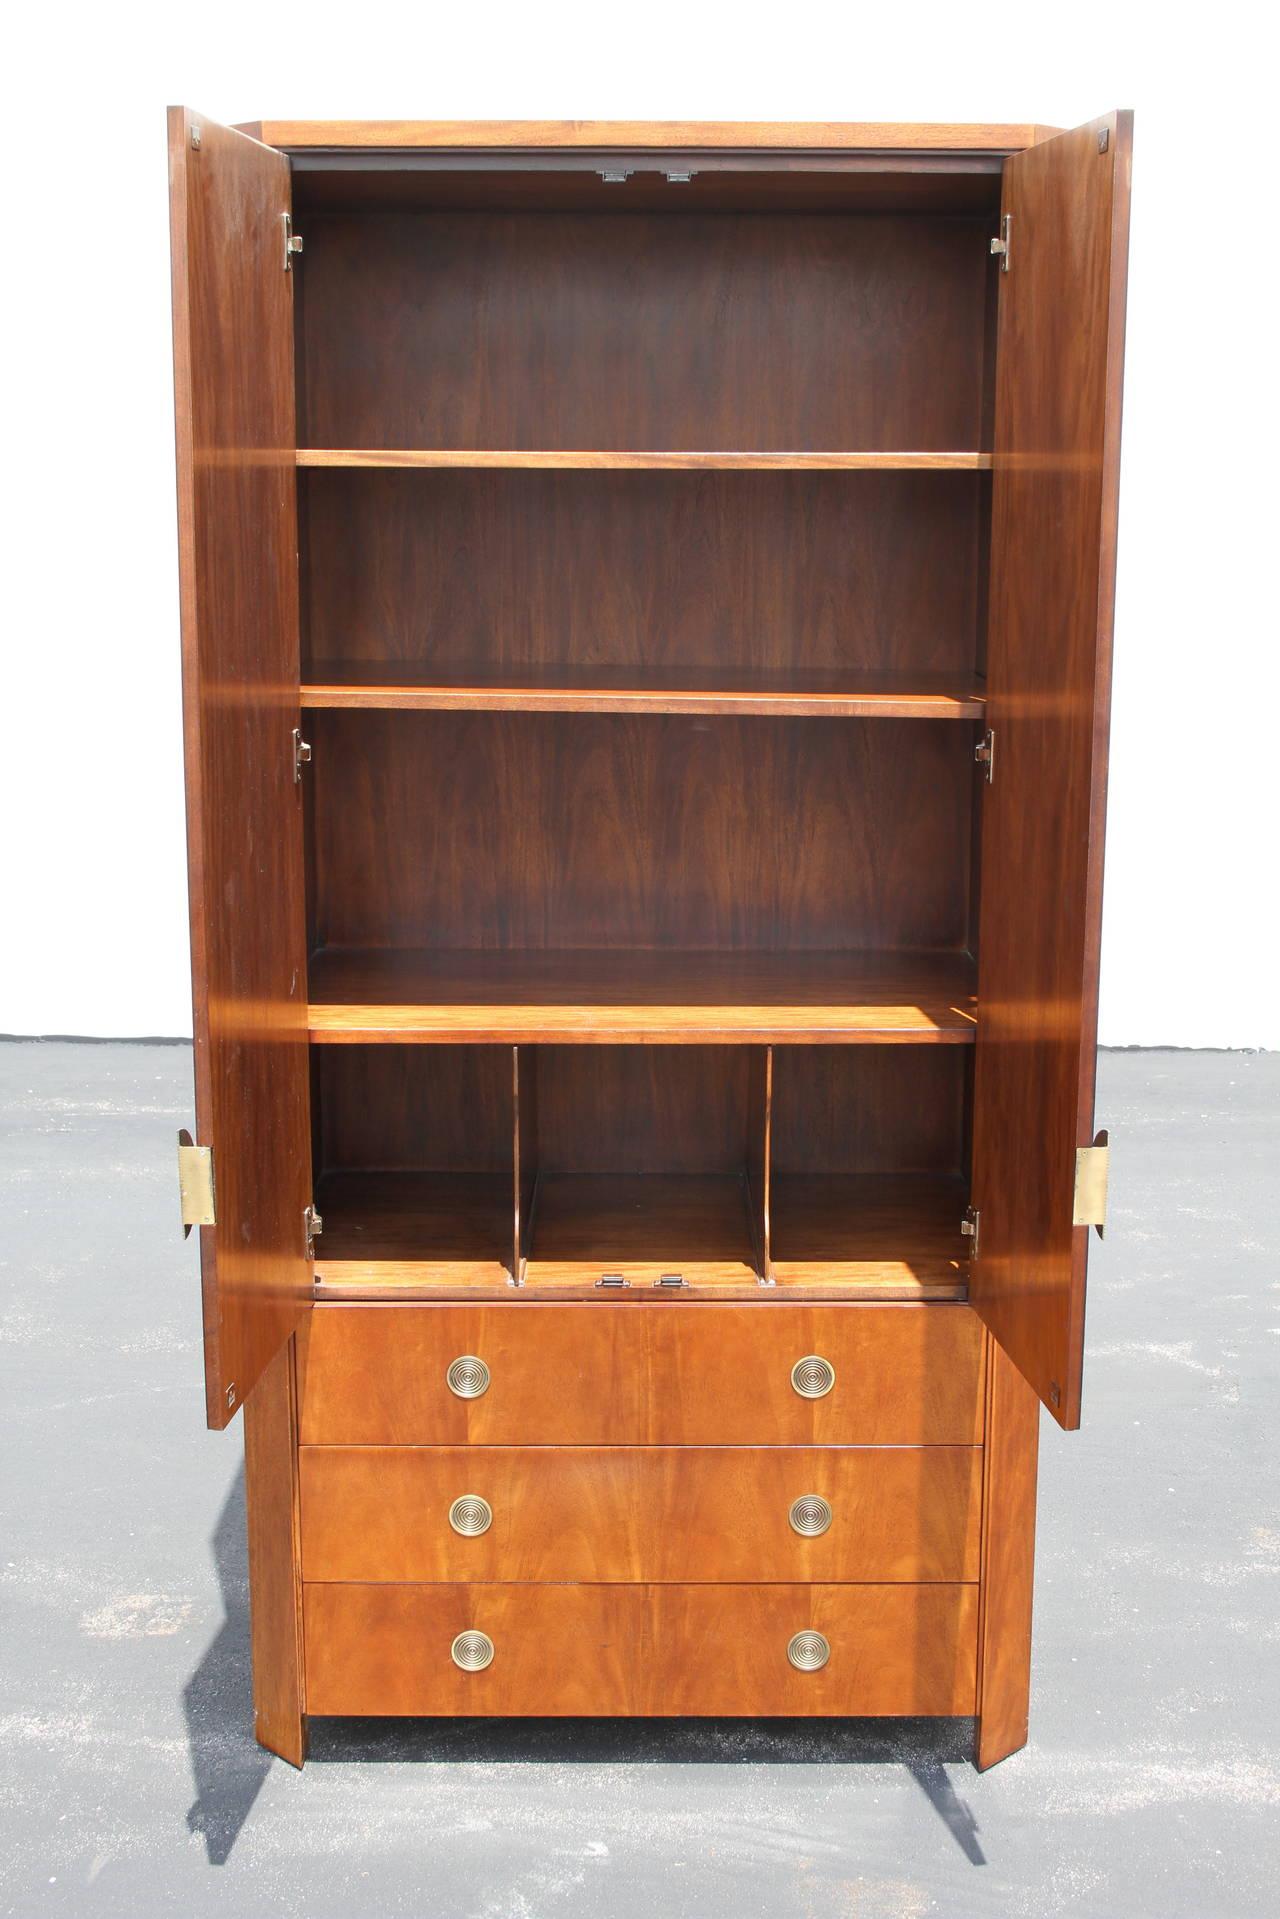 Charles pfister armoire for baker furniture image 4 for Baker furniture